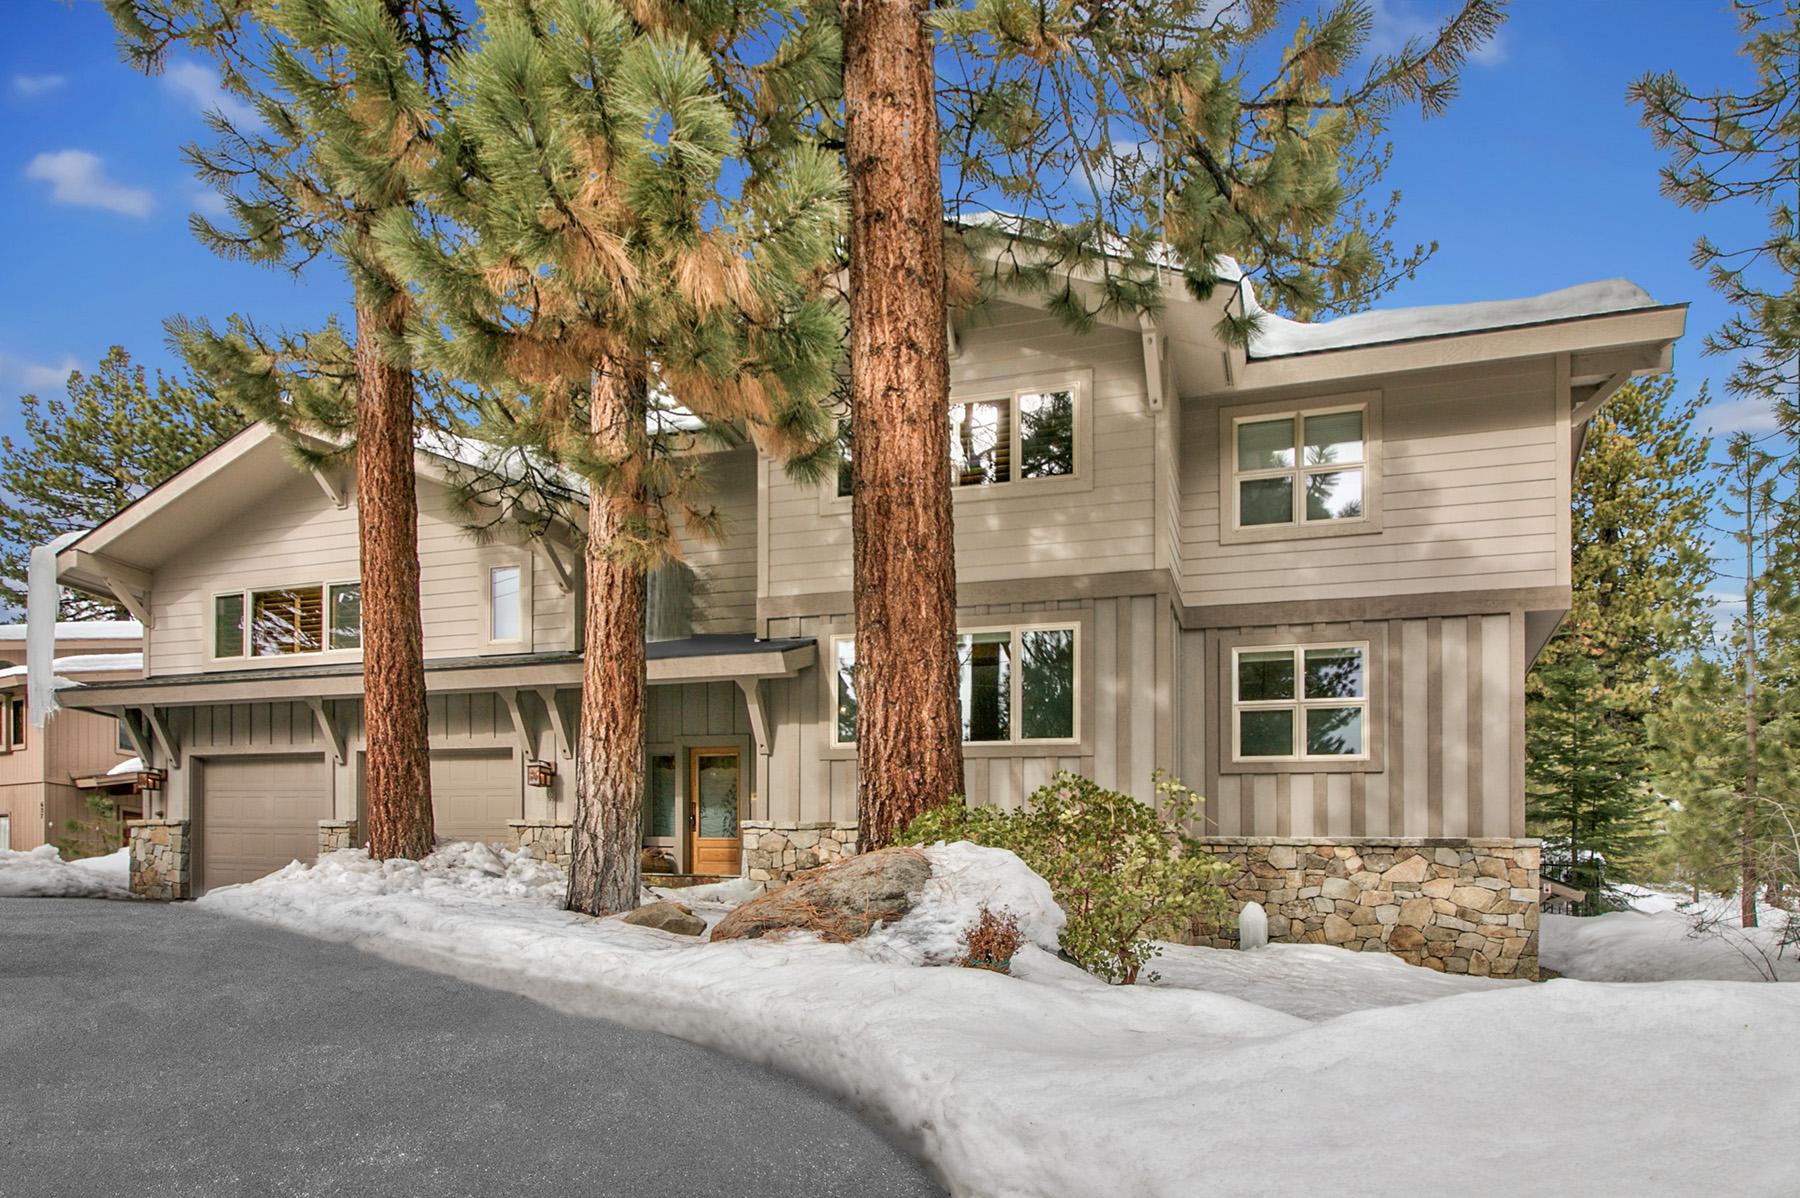 Maison unifamiliale pour l Vente à 629 Village Boulevard Incline Village, Nevada 89451 États-Unis